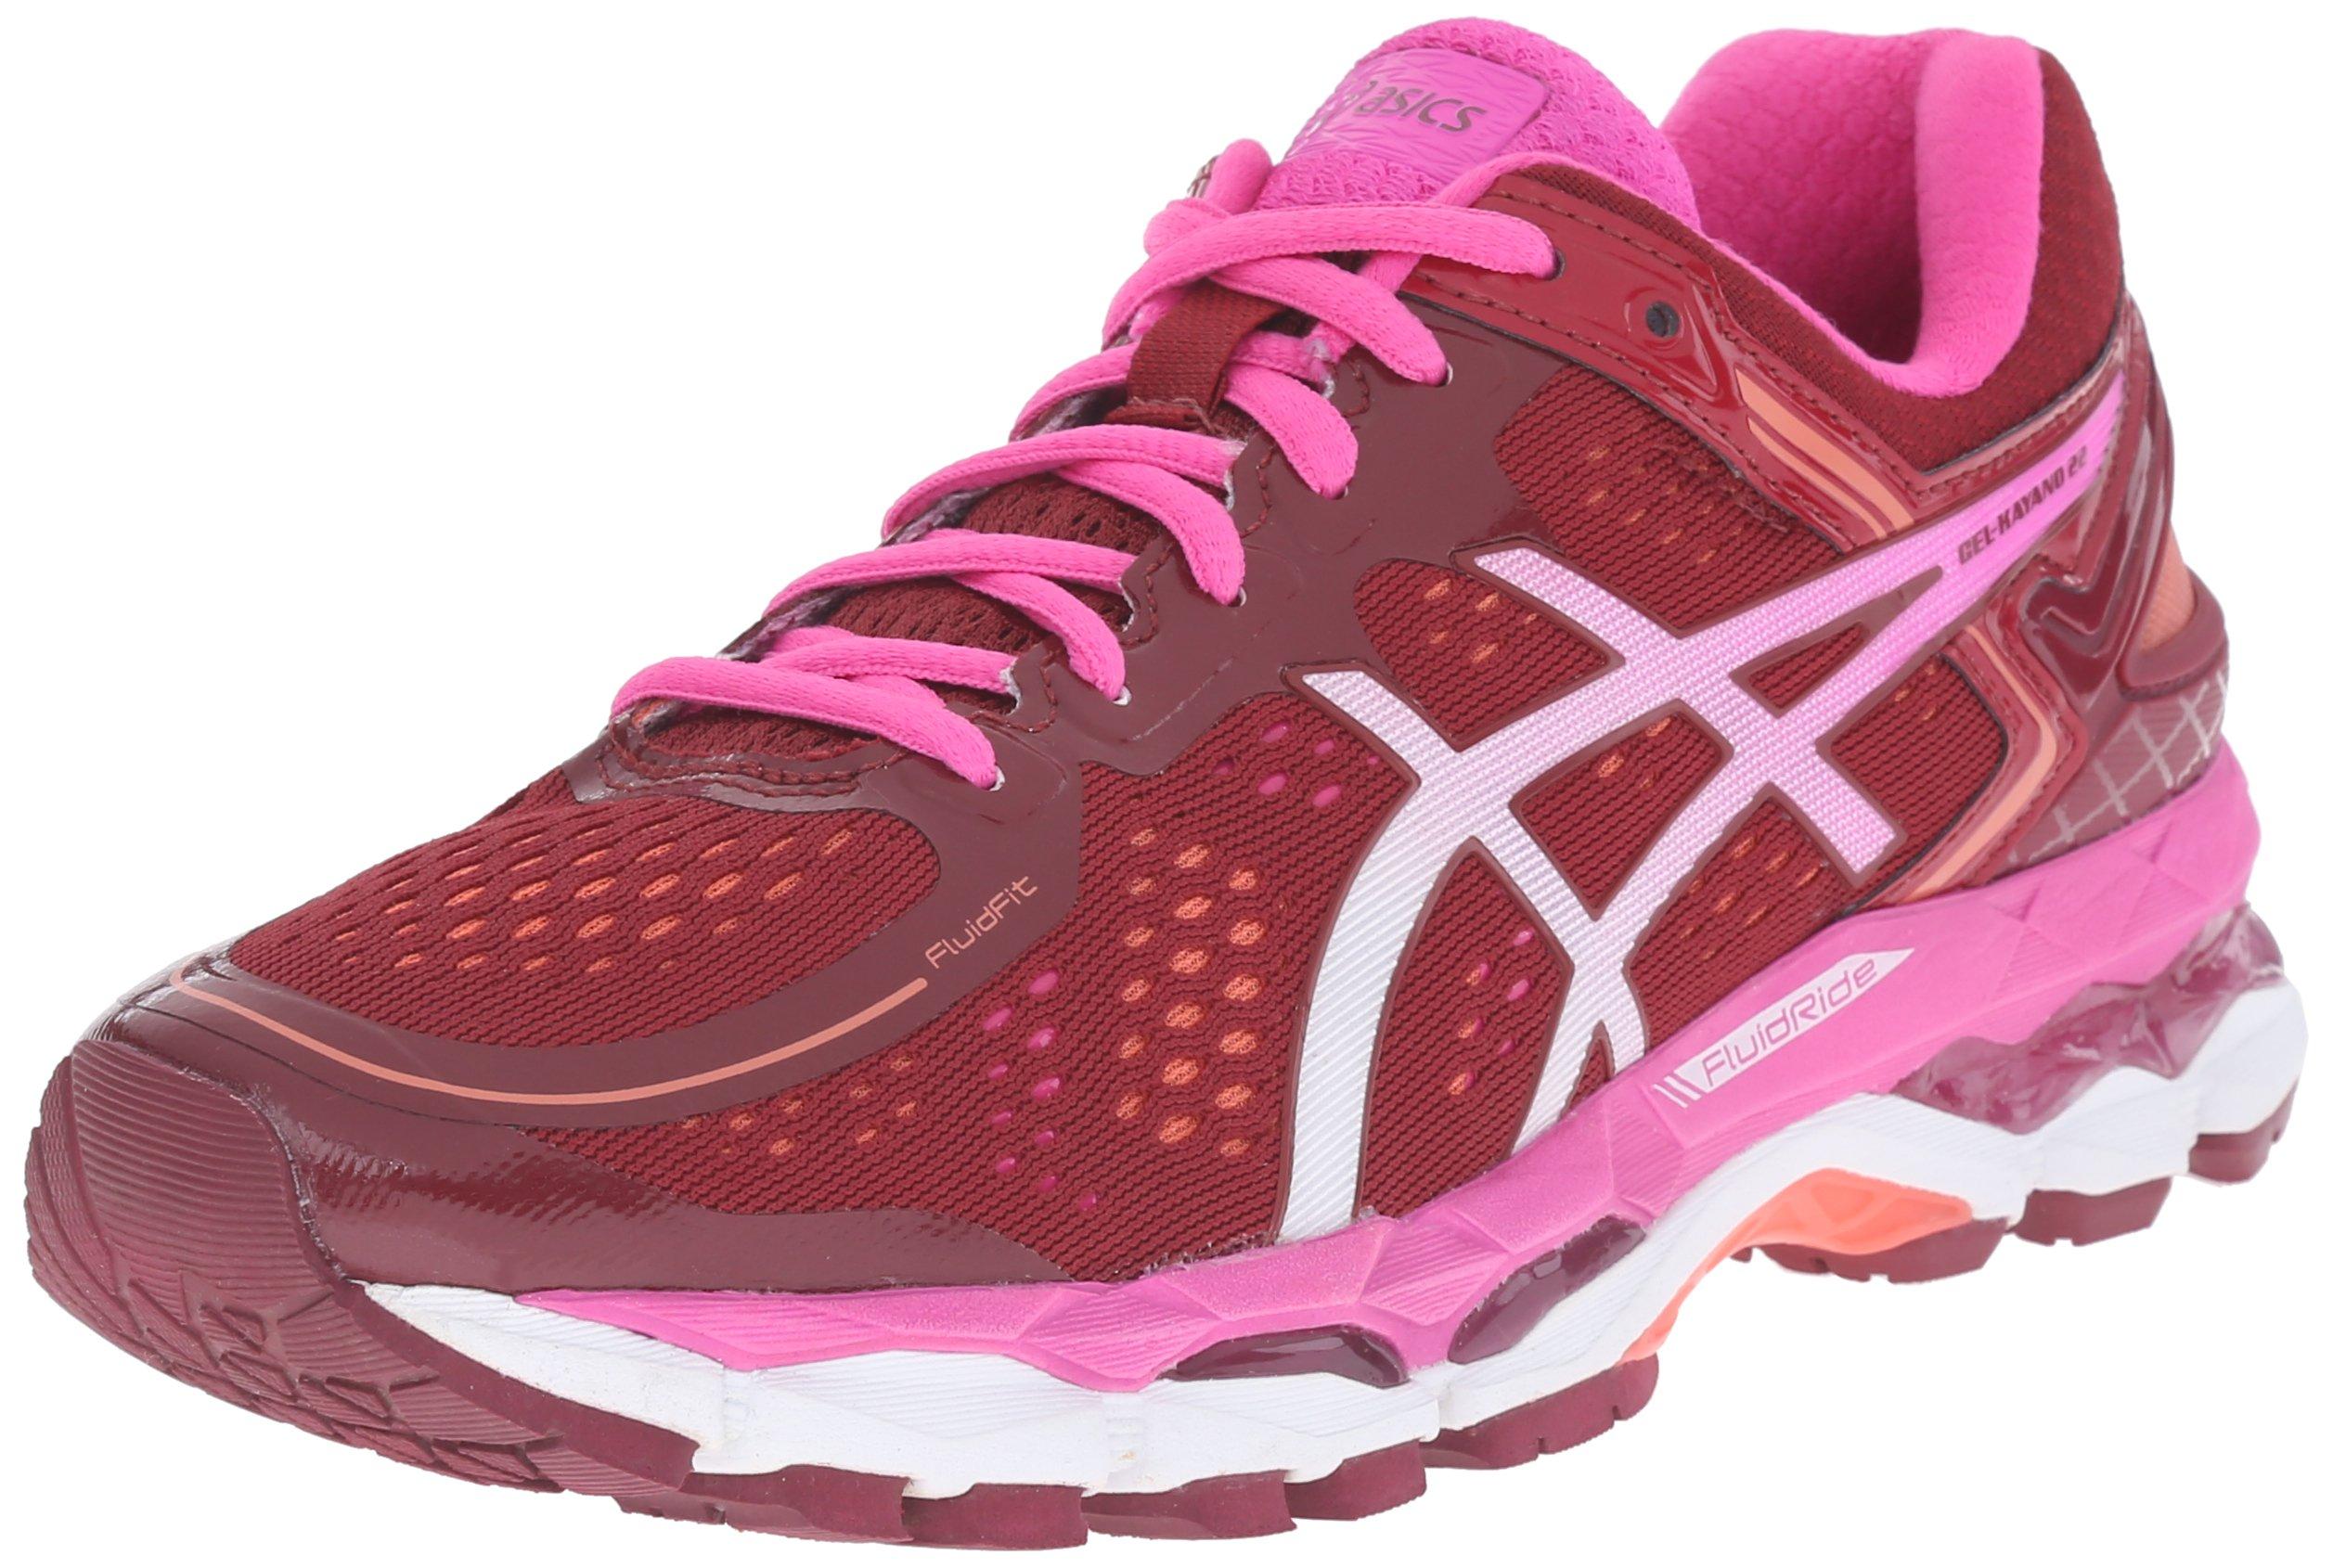 b0441f88b148 Galleon - ASICS Women s Gel Kayano 22 Running Shoe